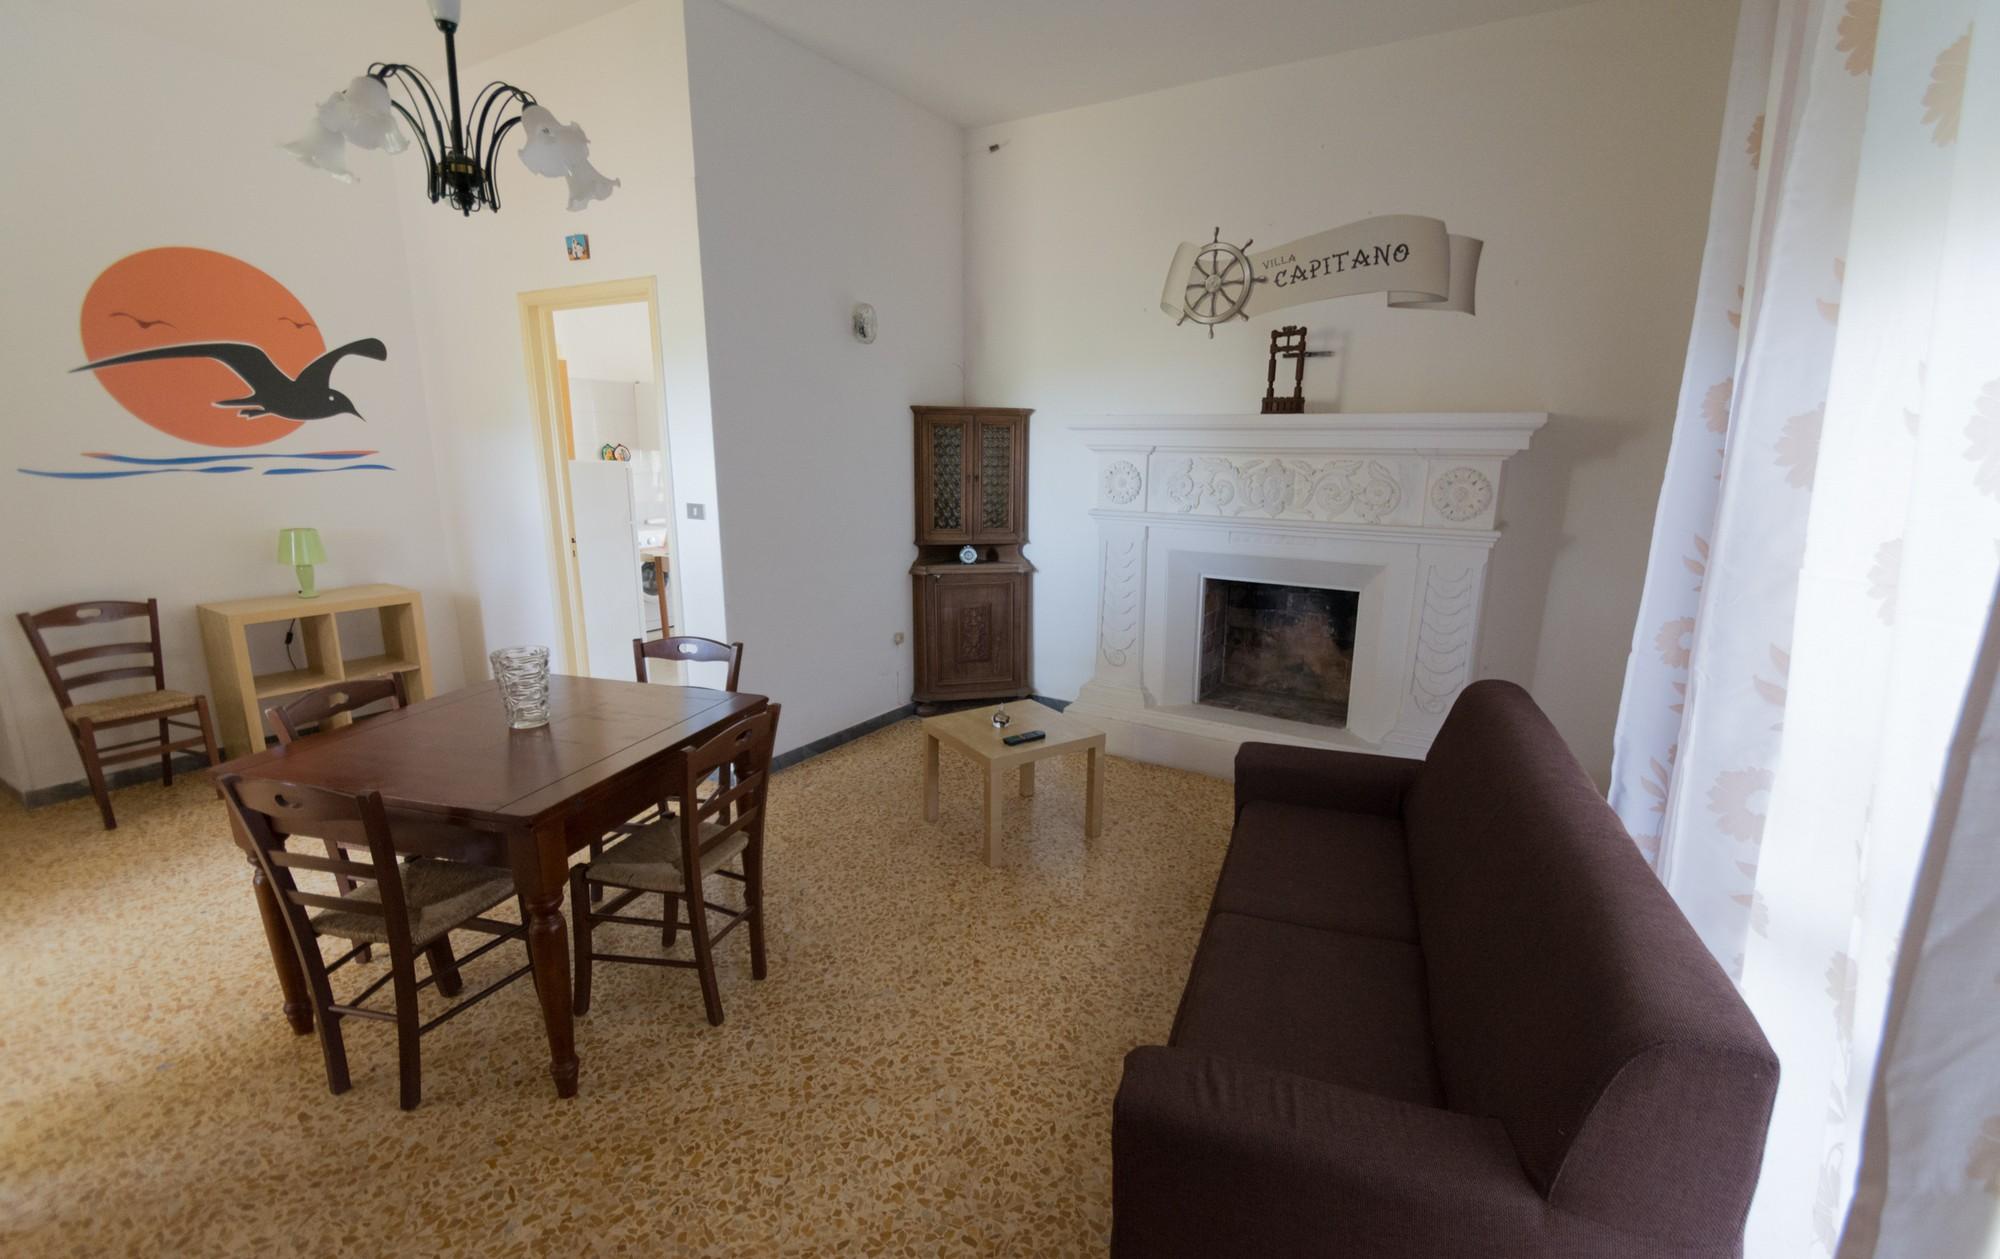 Ferienhaus Villa Capitano- 80 meters from the beach (2354059), Porto Cesareo, Lecce, Apulien, Italien, Bild 7